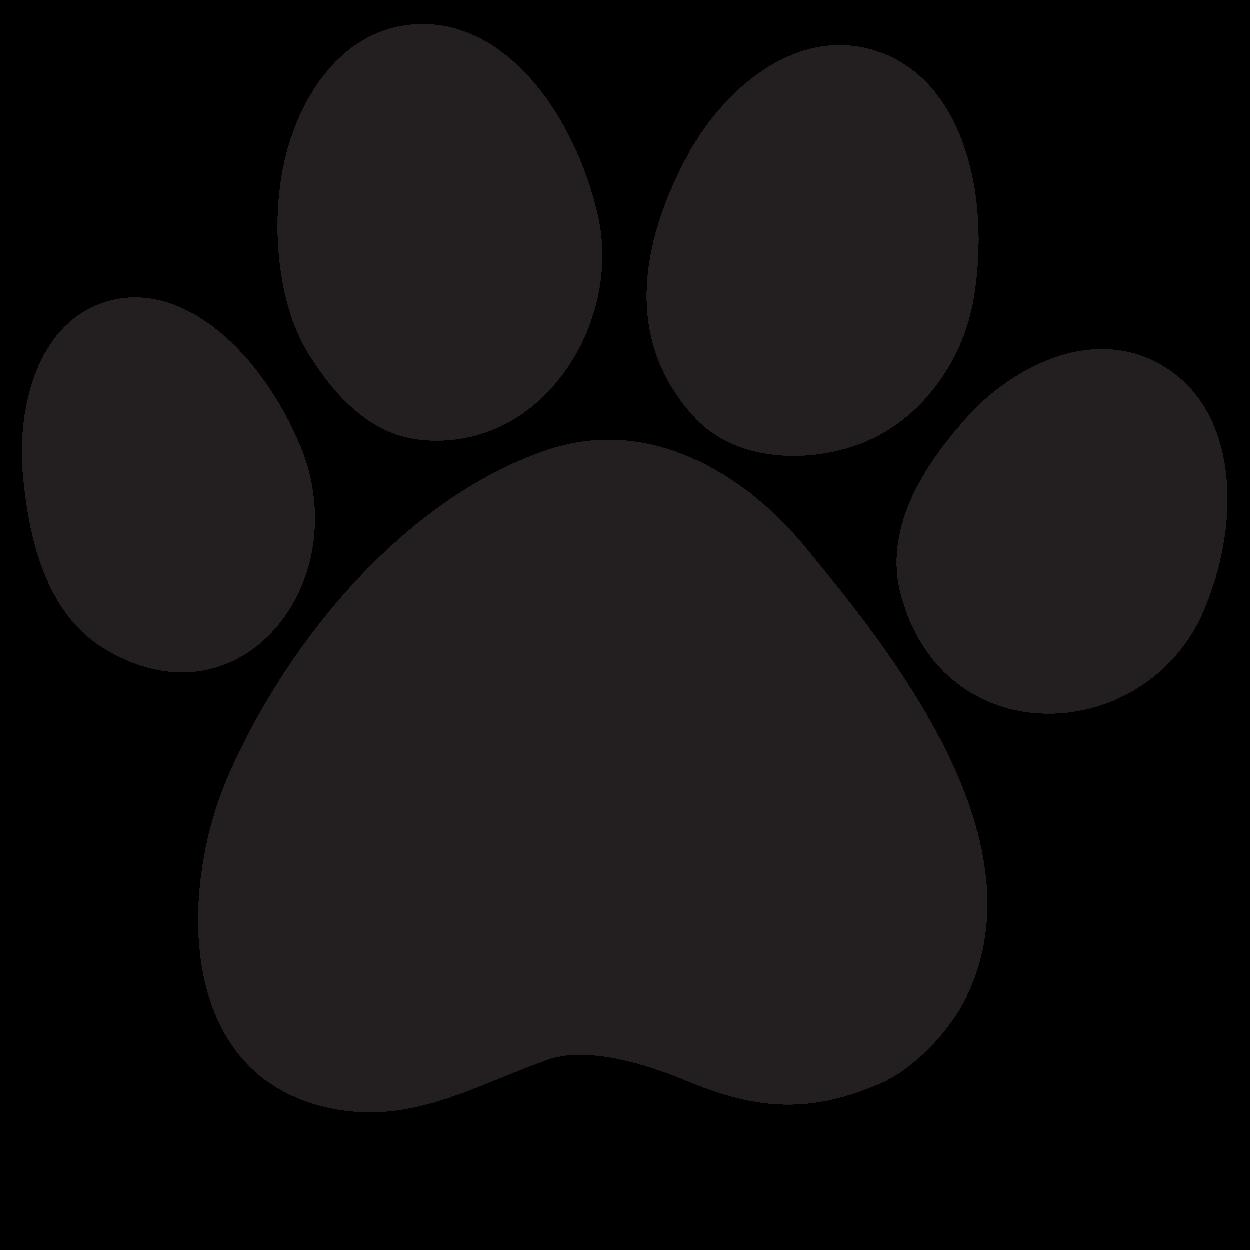 jaguar paw png transparent jaguar paw png images pluspng rh pluspng com dog paw print clip art dog print clip art free